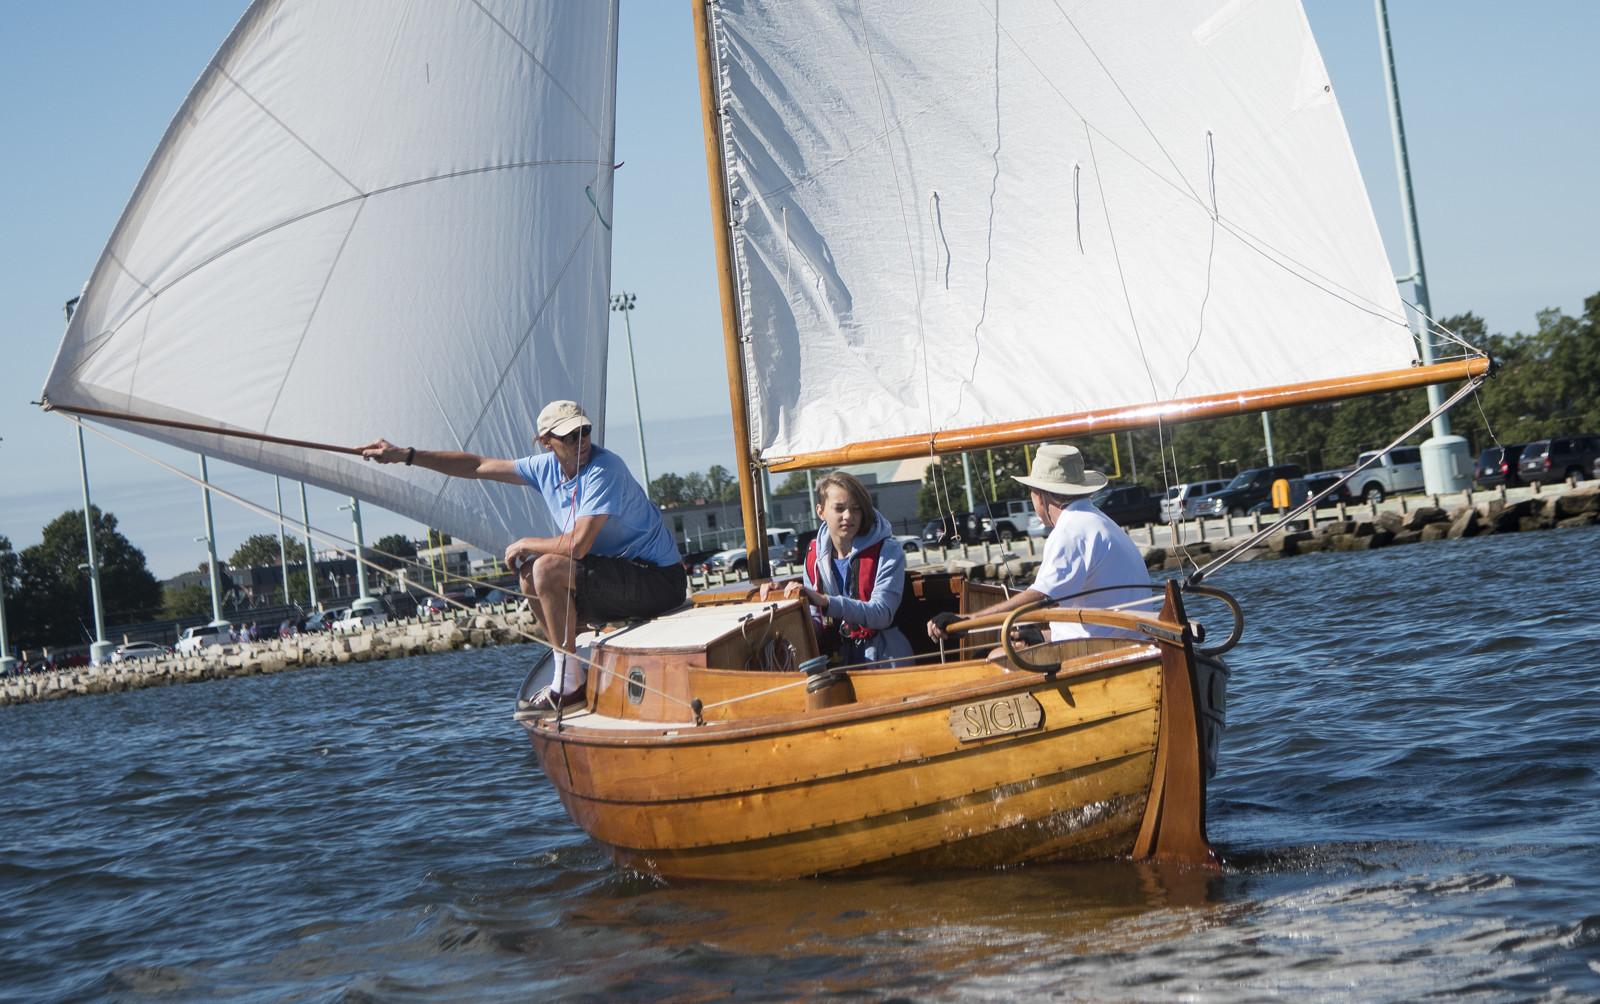 Classic Wooden Sailboat Rendezvous Amp Race Capital Gazette